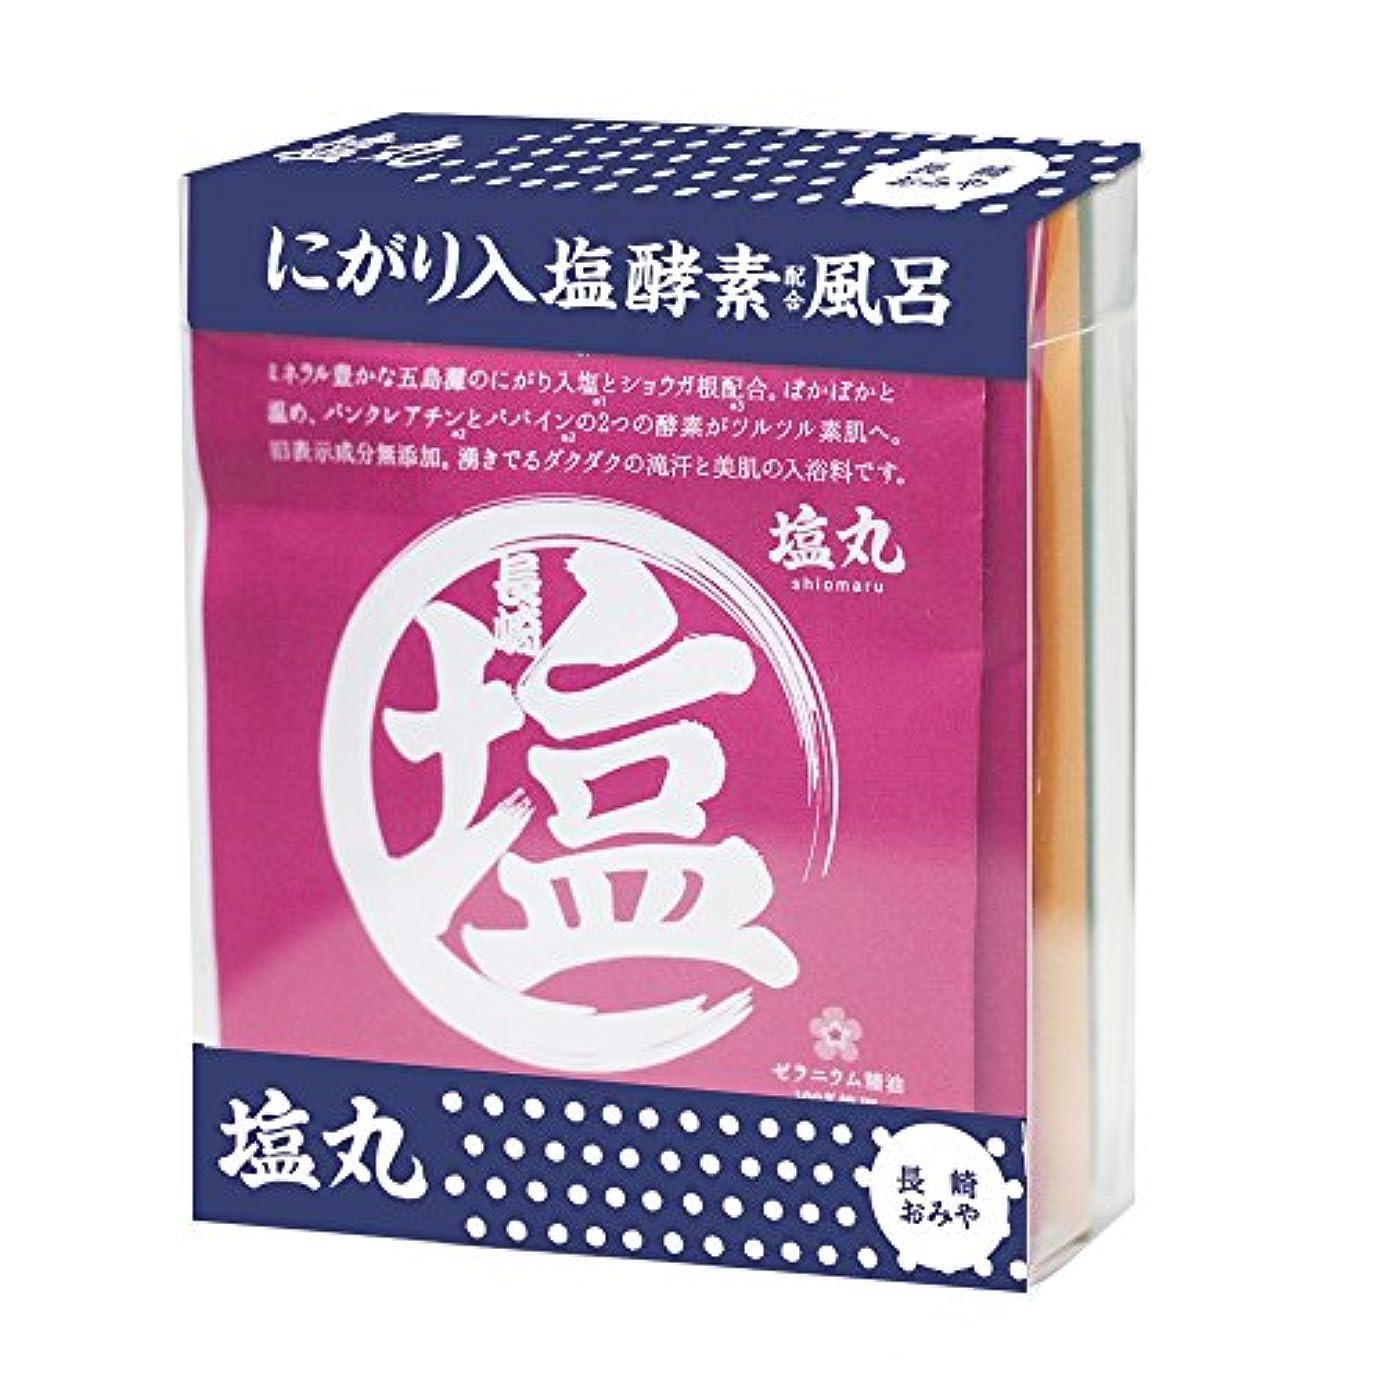 すべて学習者頂点(塩丸)長崎産にがり入海塩入浴剤/5種アソートセット(40g×5包)合成香料?合成着色料?保存料不使用